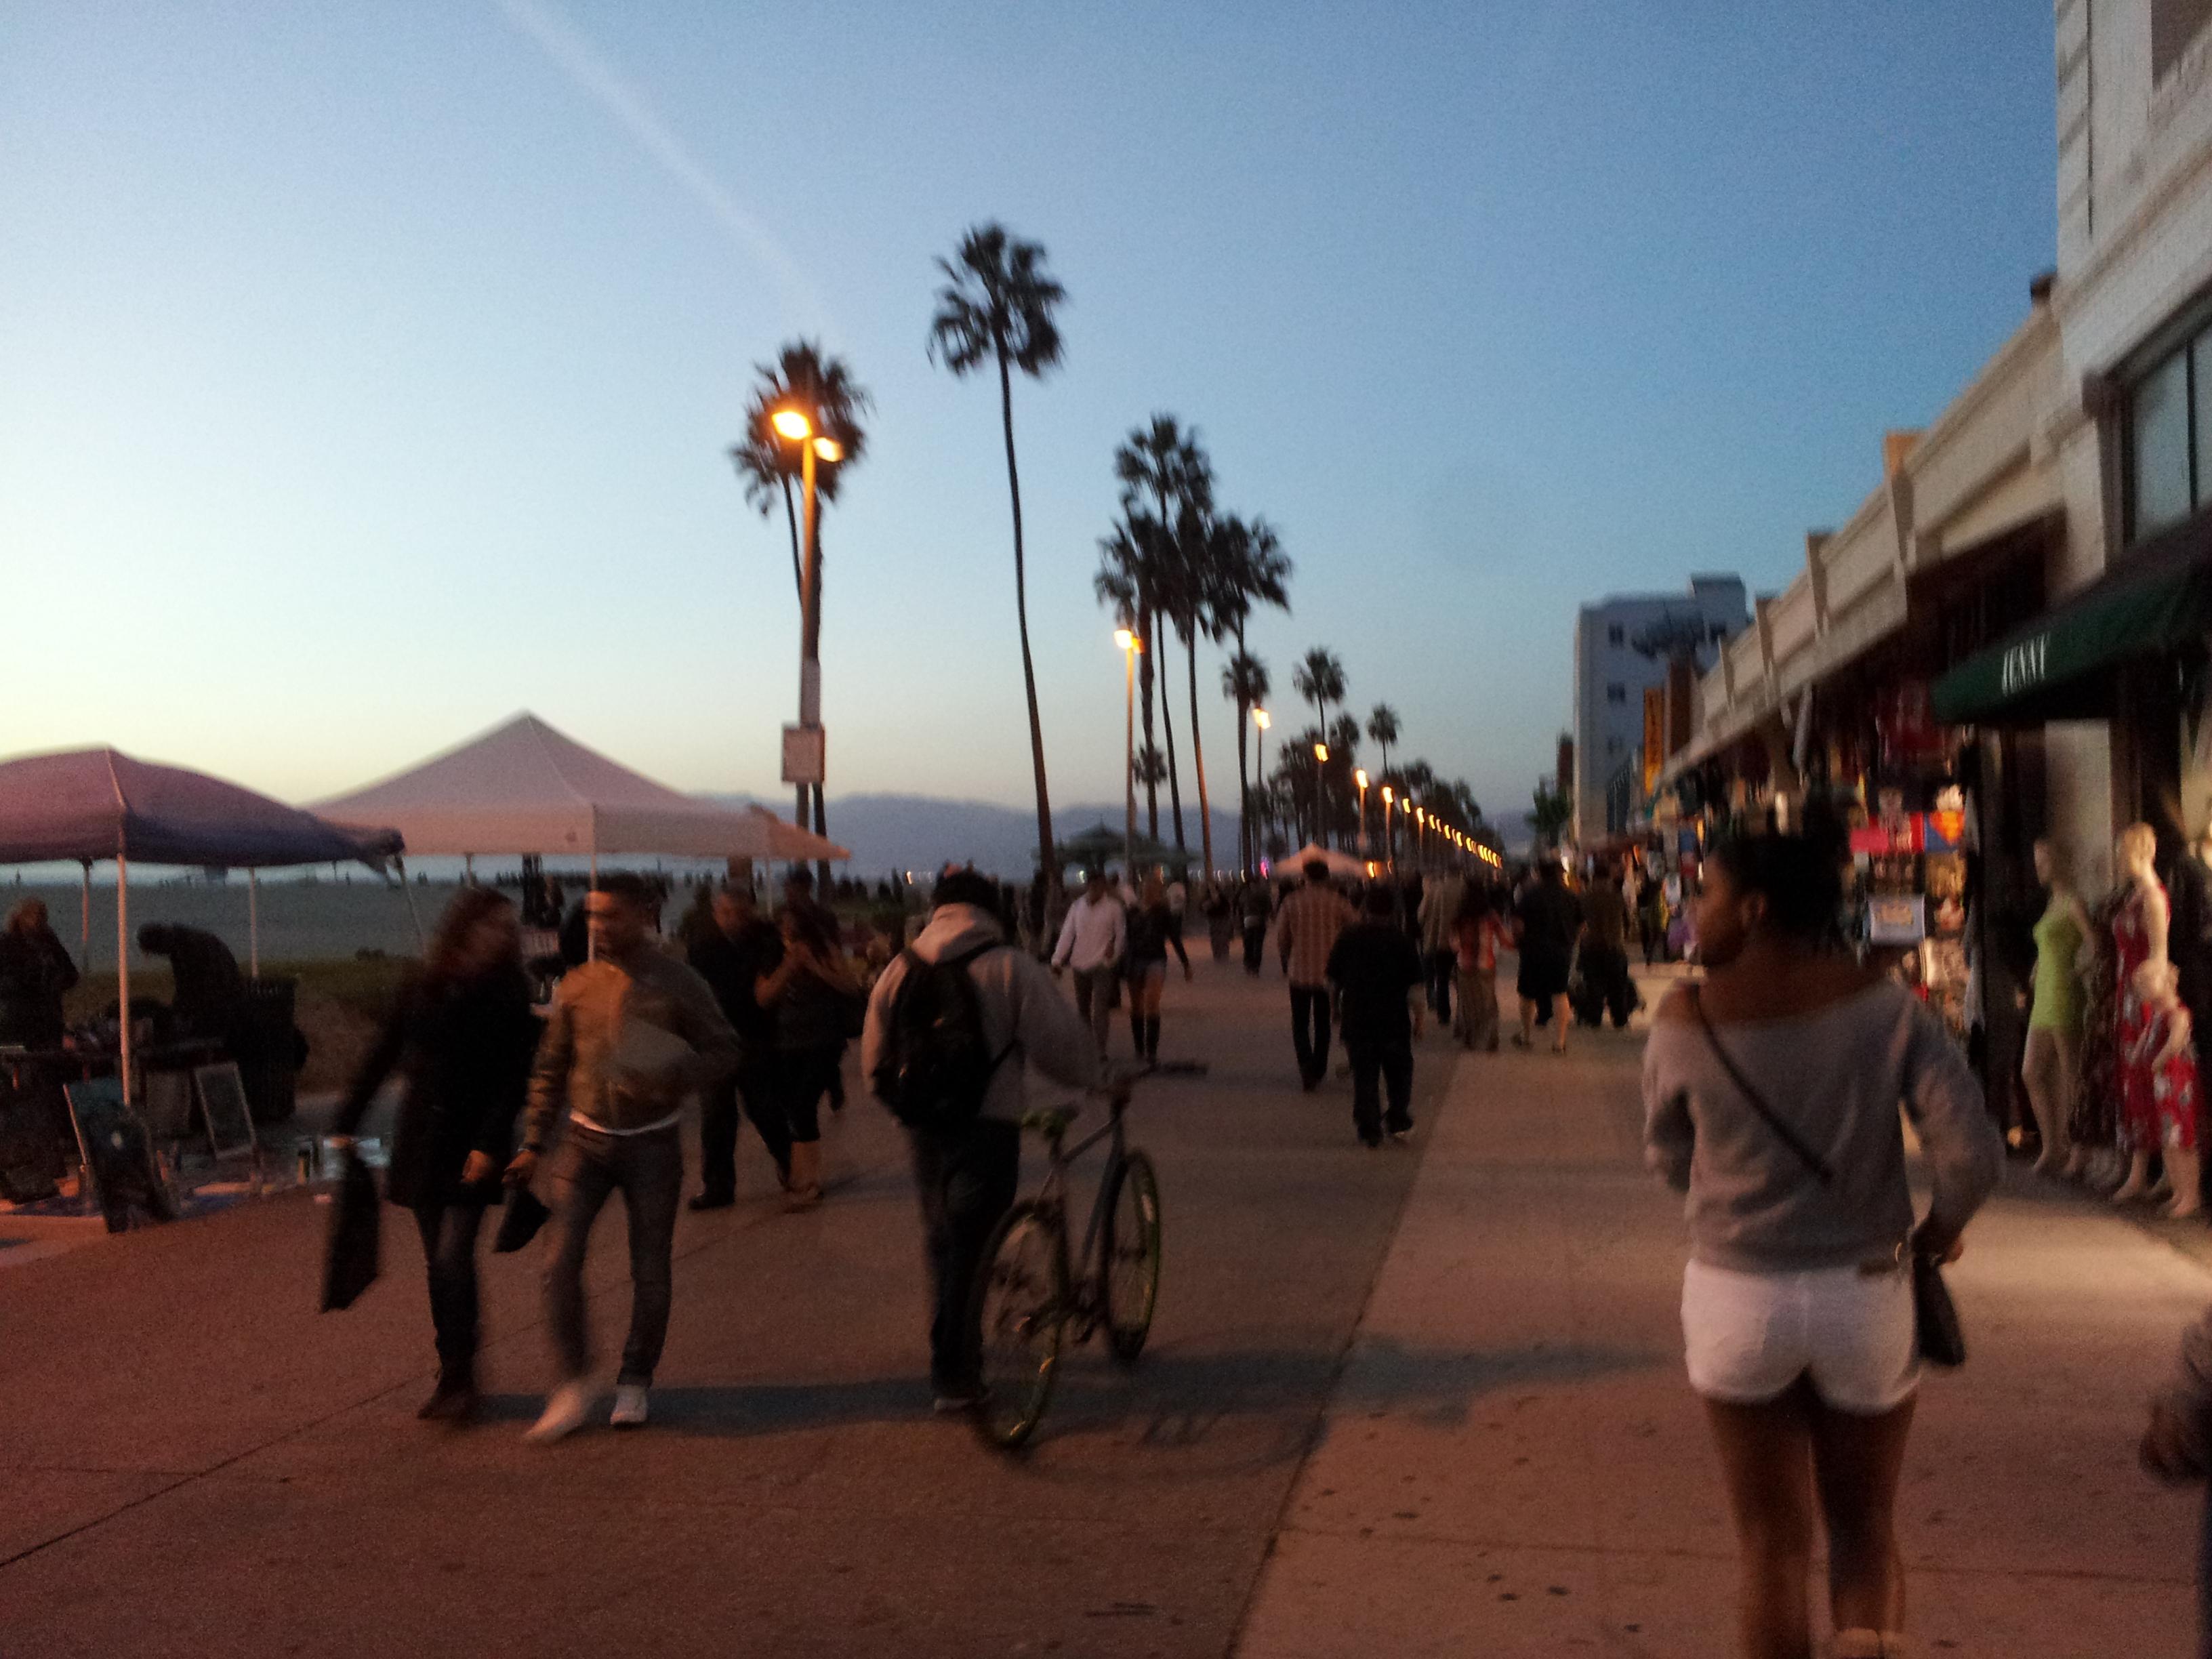 ロサンゼルスダンス留学の体験談